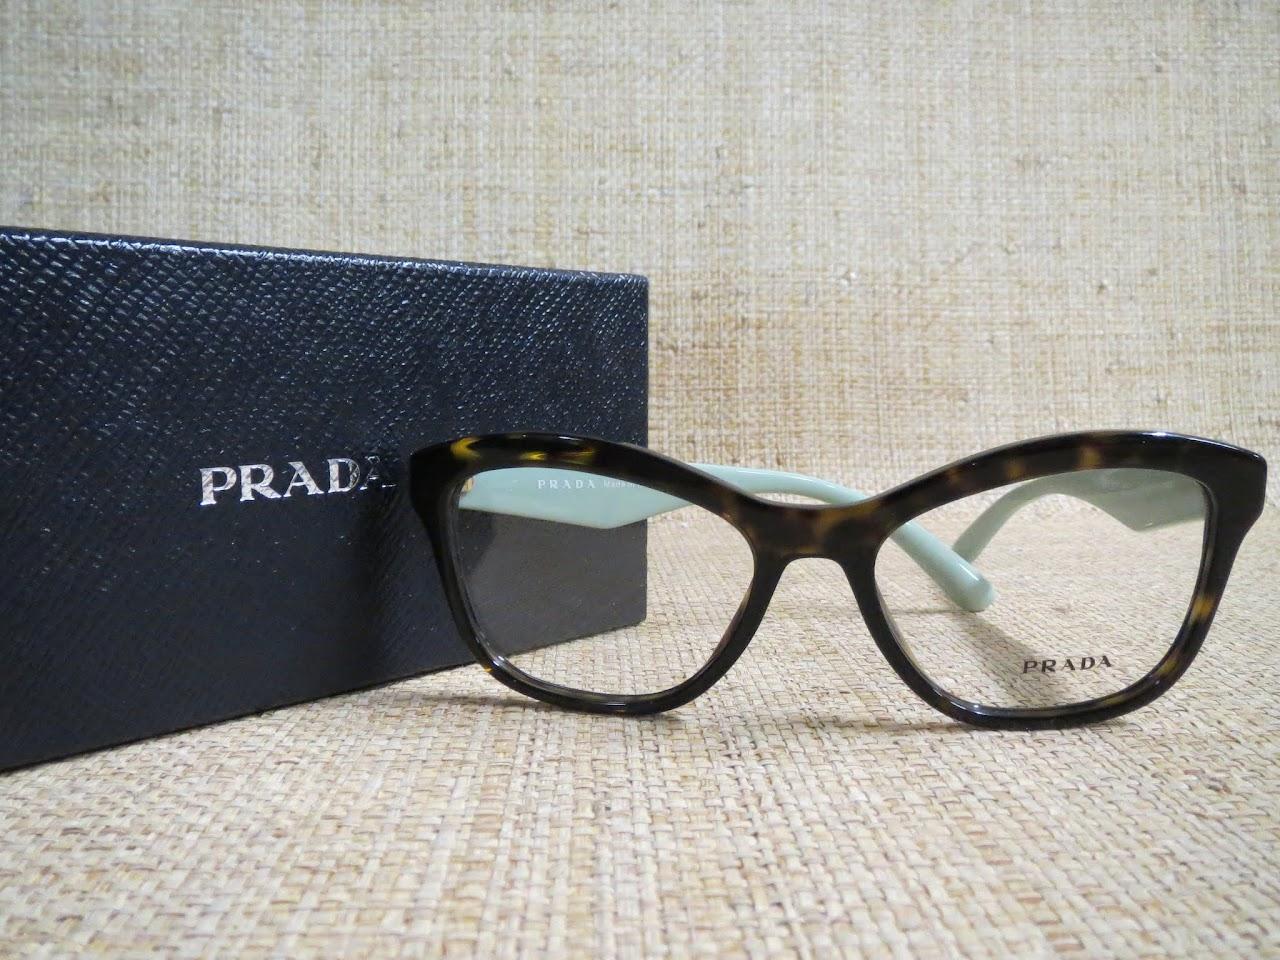 Prada Rx Frames